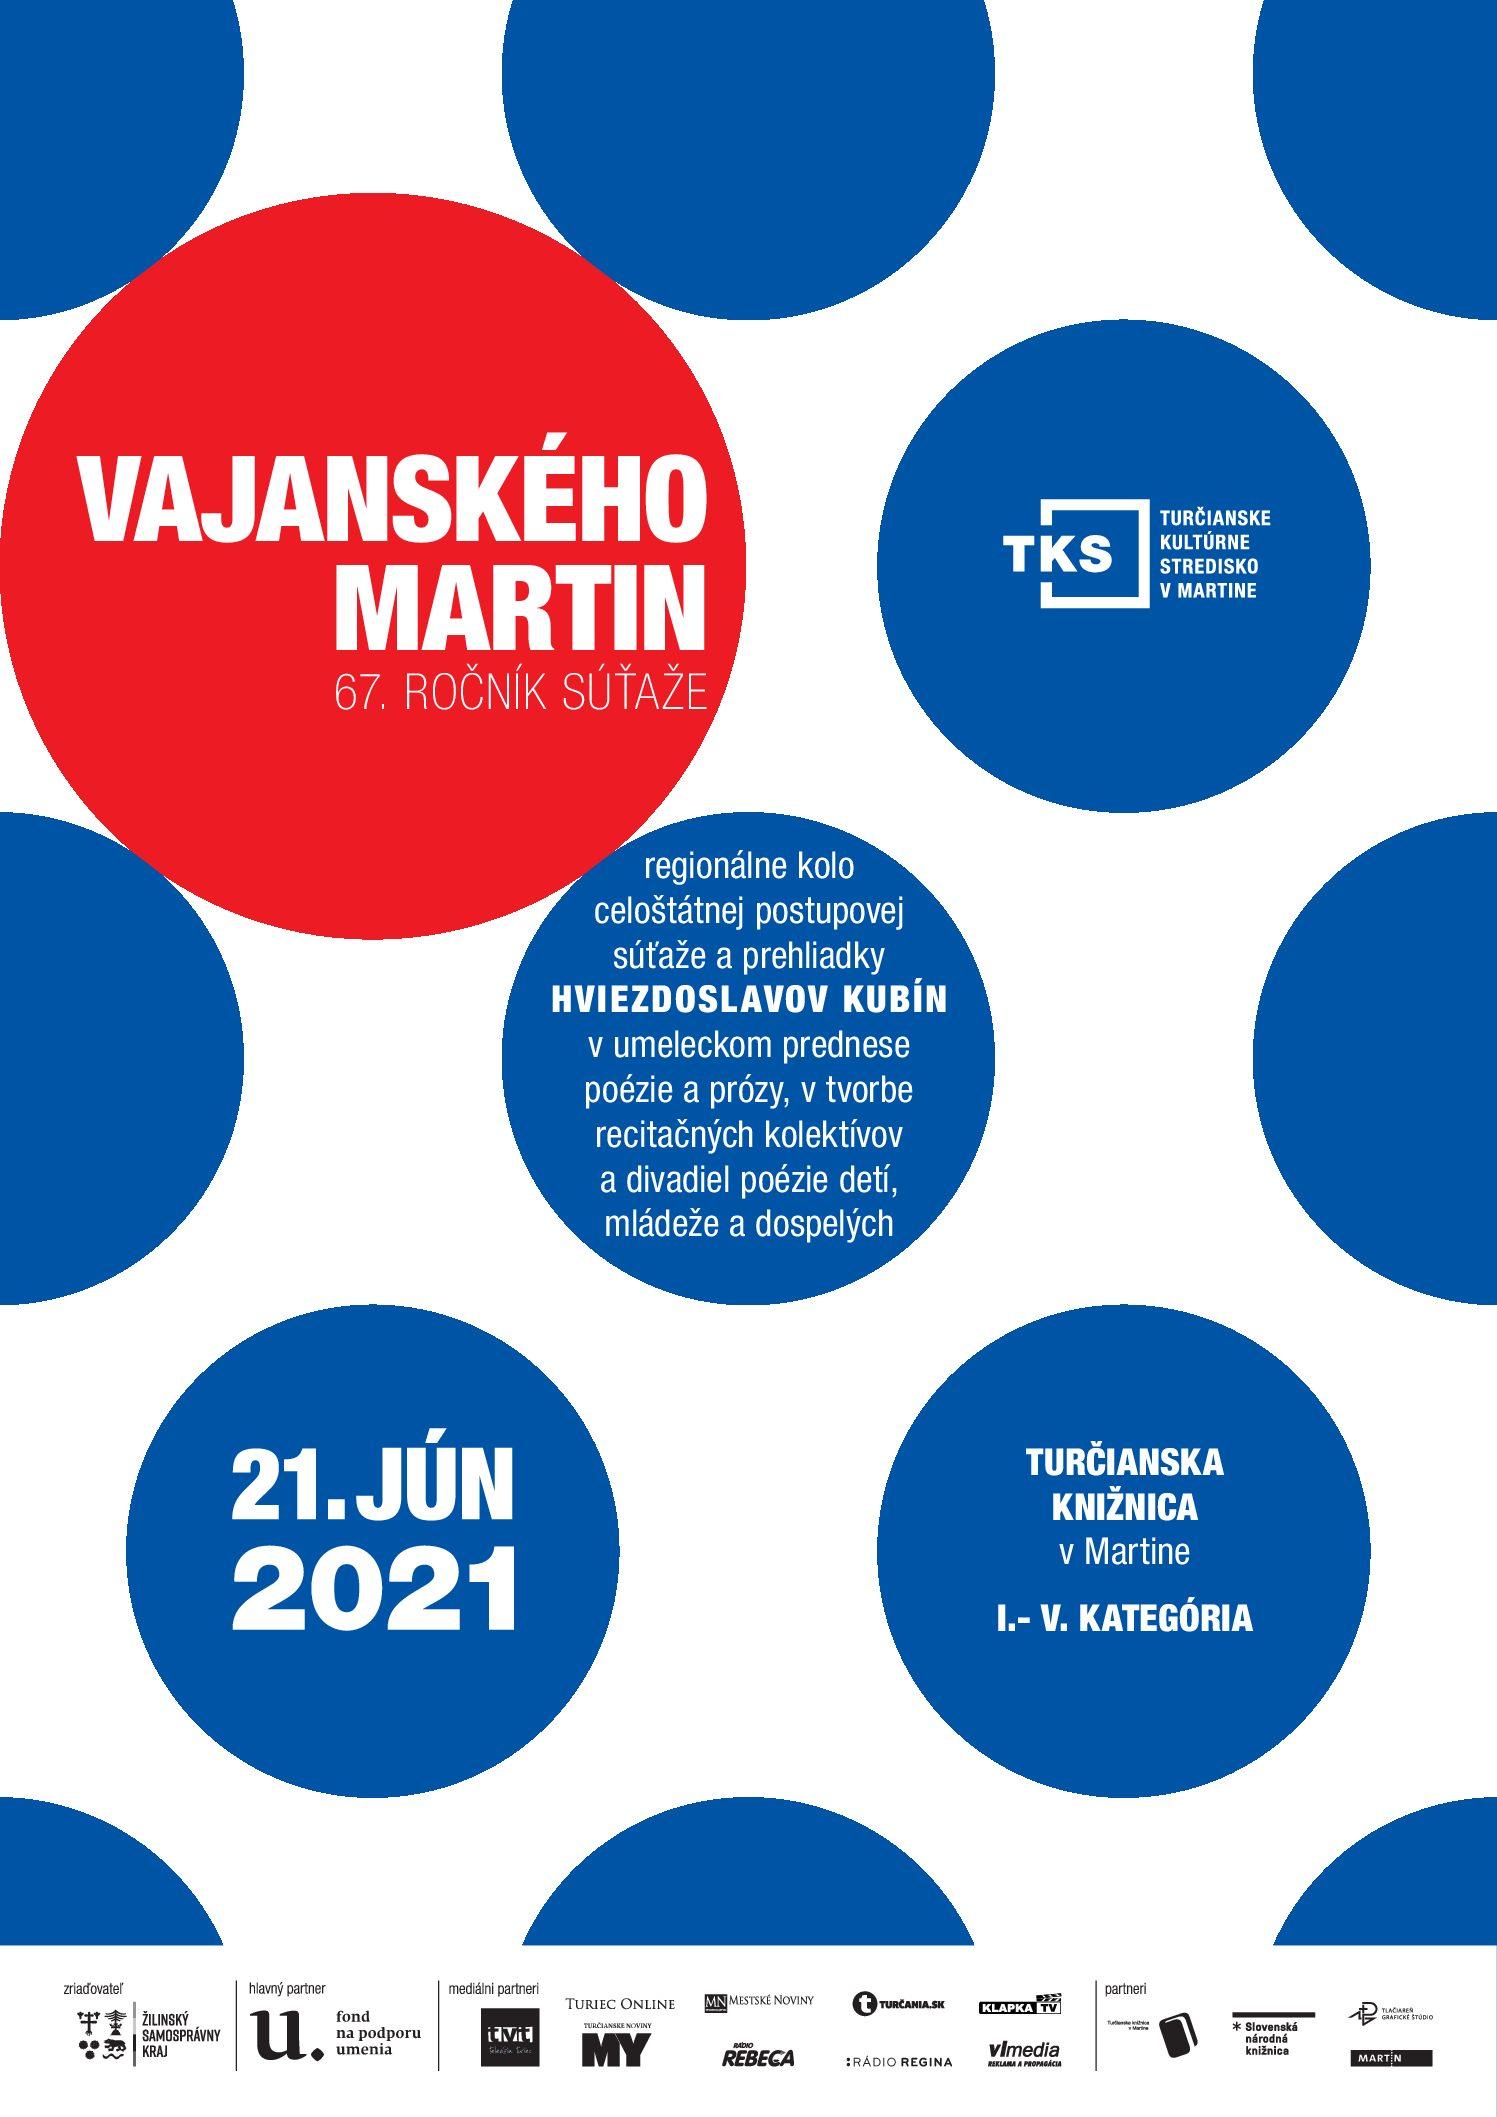 Vajanského Martin regionálne kolo sa blíži